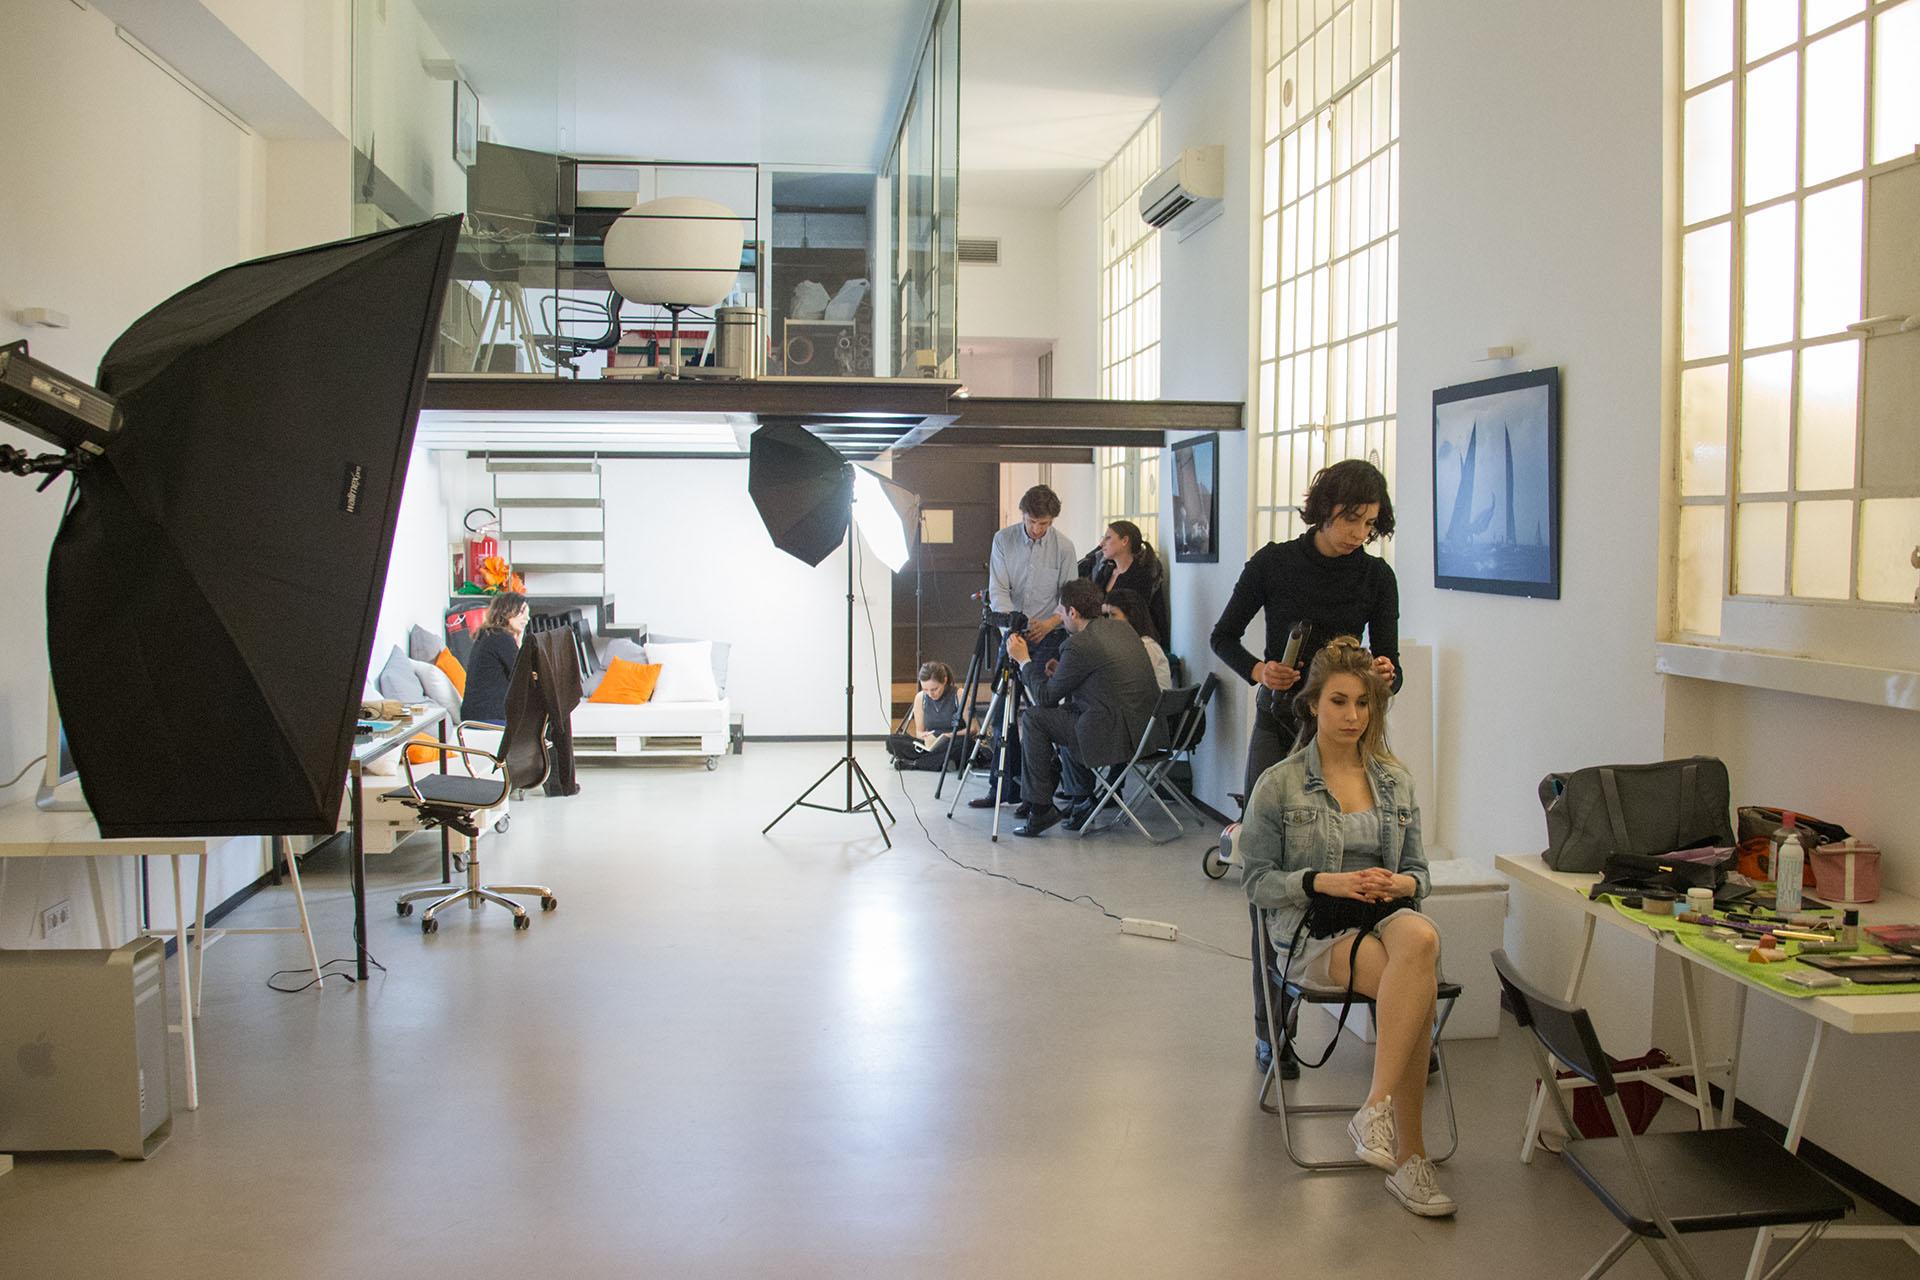 Corso Avanzato di Fotografia Milano, Spazio Orti 14